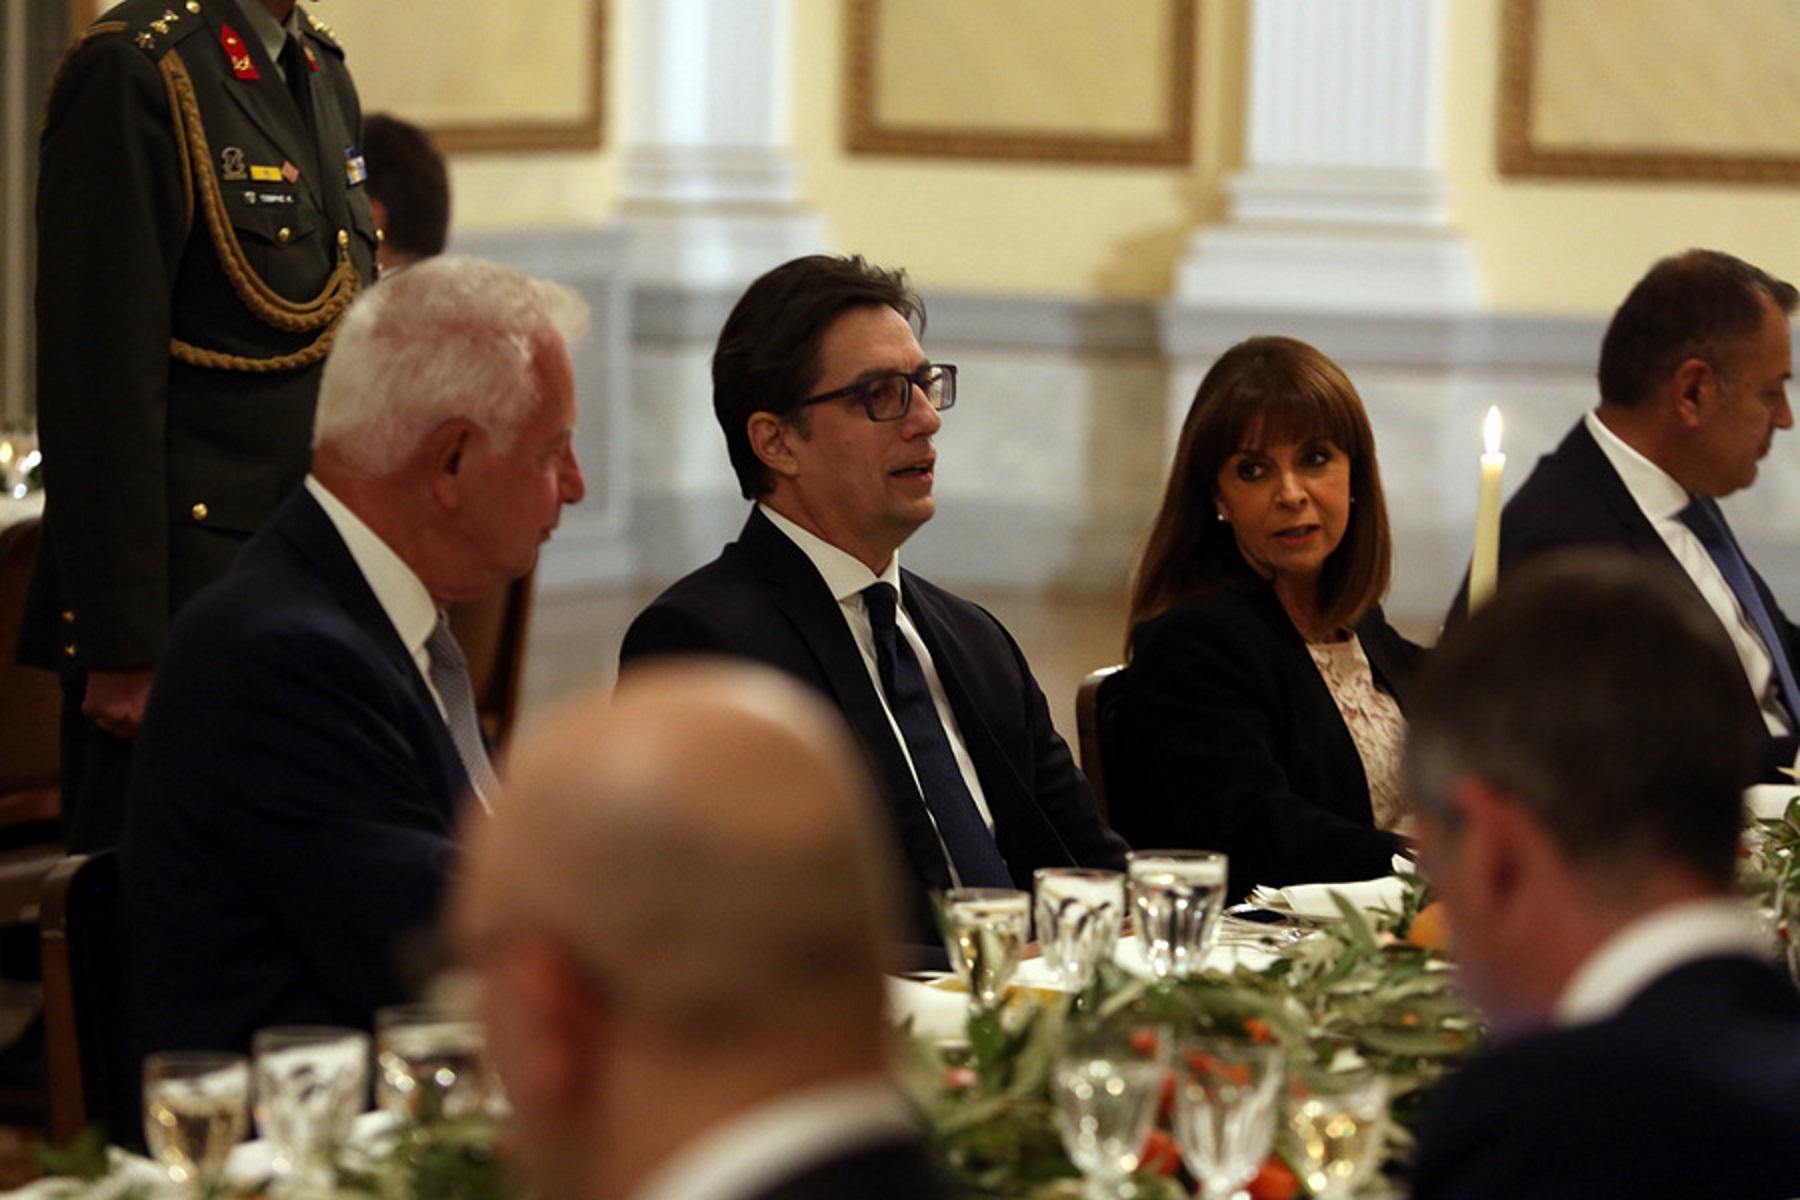 Κατερίνα Σακελλαροπούλου: Πιστεύουμε σε μια αμοιβαία επωφελή σχέση μεταξύ Ελλάδας και Βόρειας Μακεδονίας